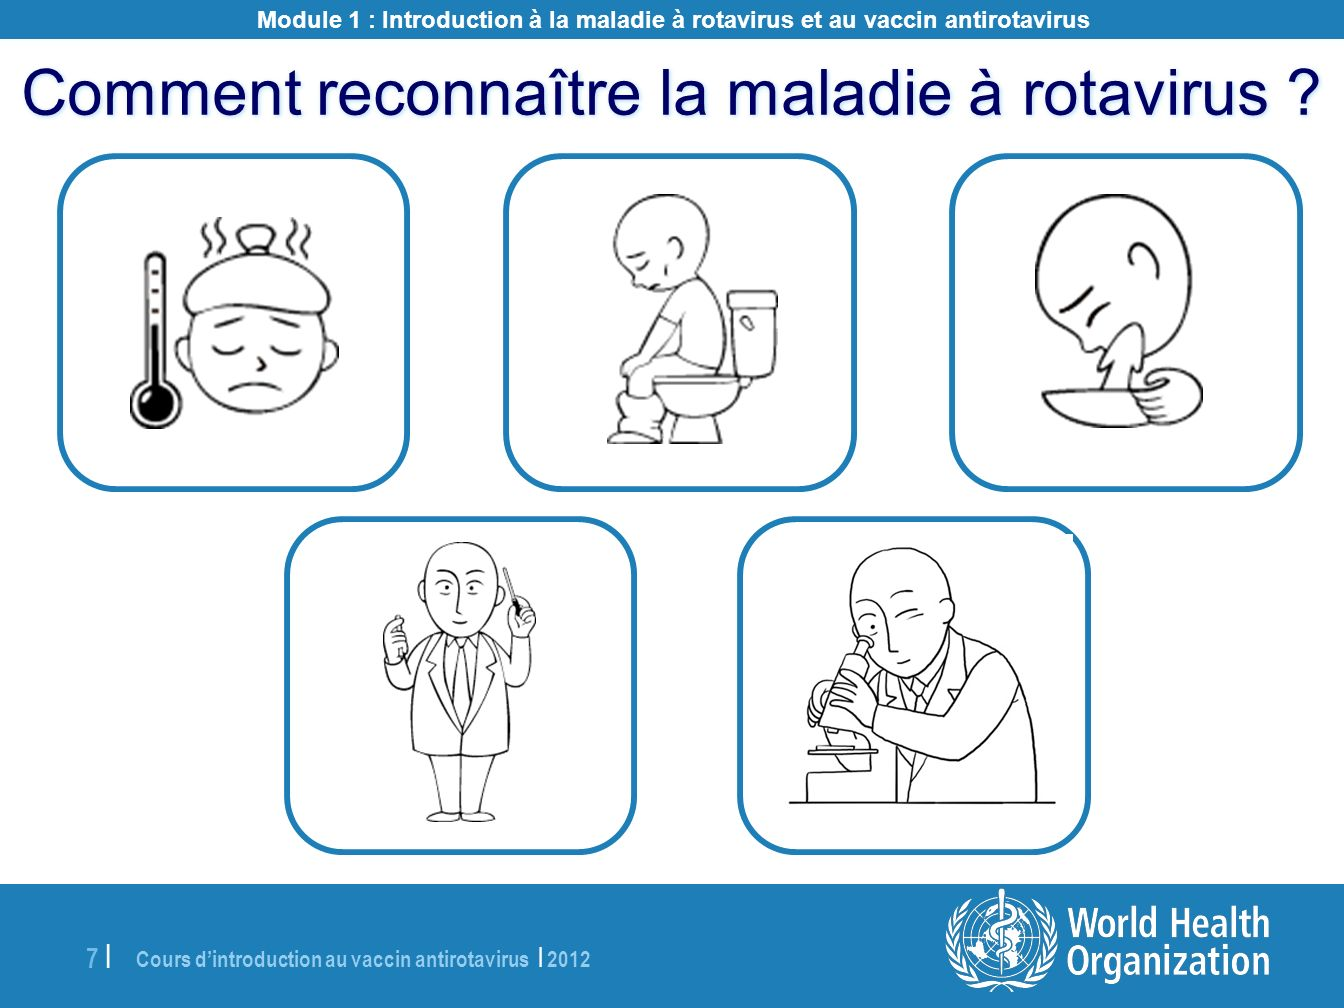 Cours dintroduction au vaccin antirotavirus | 2012 28 | À lattention de lanimateur : Demandez aux participants de répondre à la question ci-dessus, puis donnez-leur les informations suivantes et indiquez-leur les messages clés.